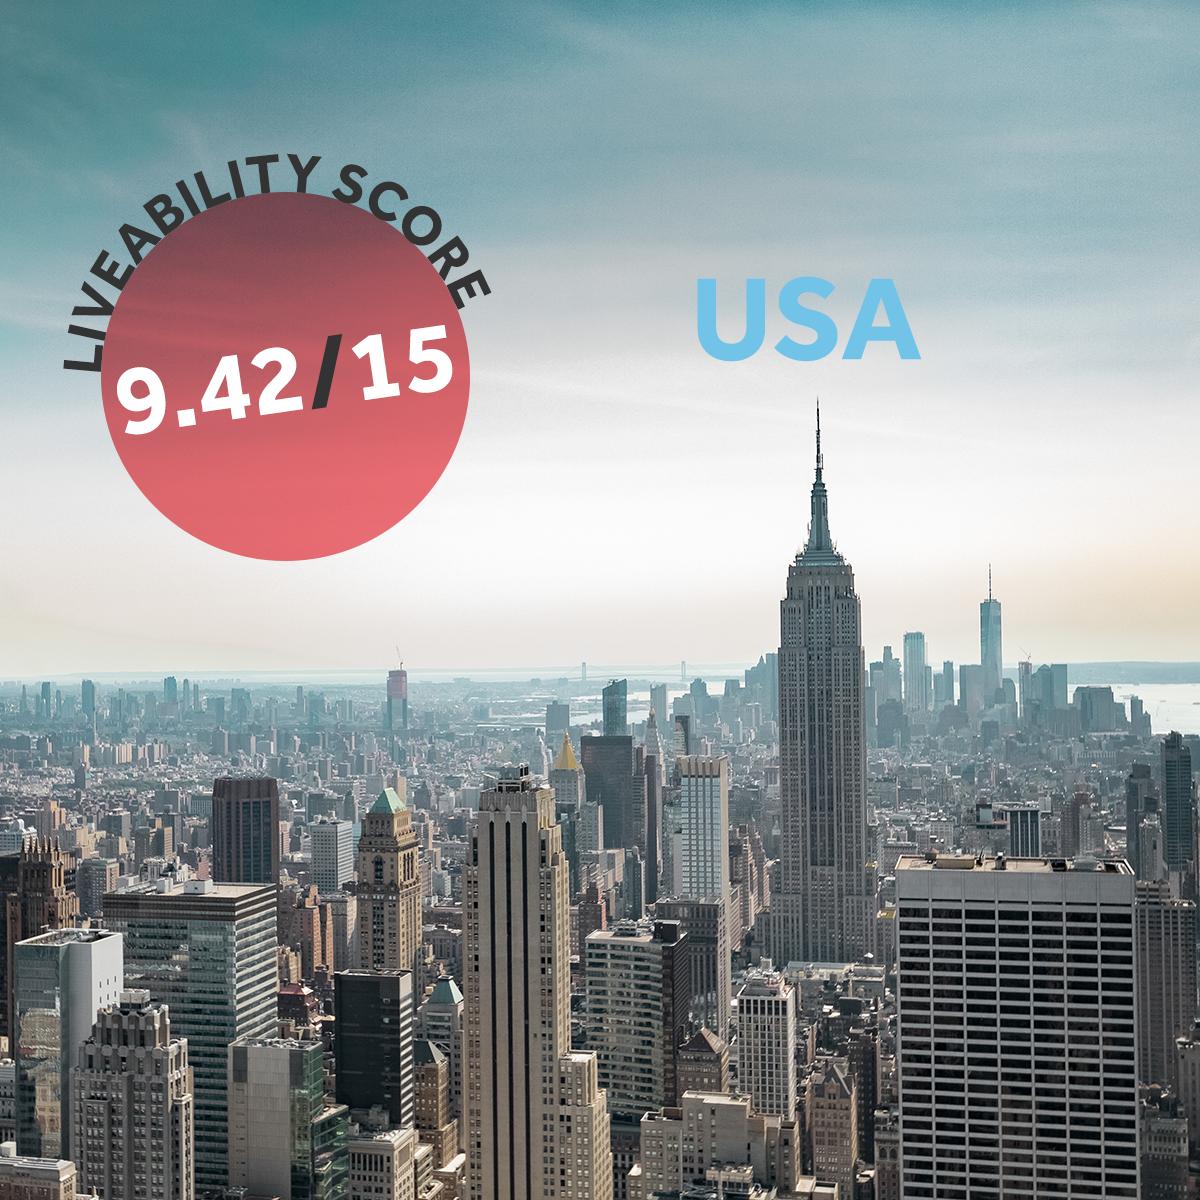 USA UK Expat Index